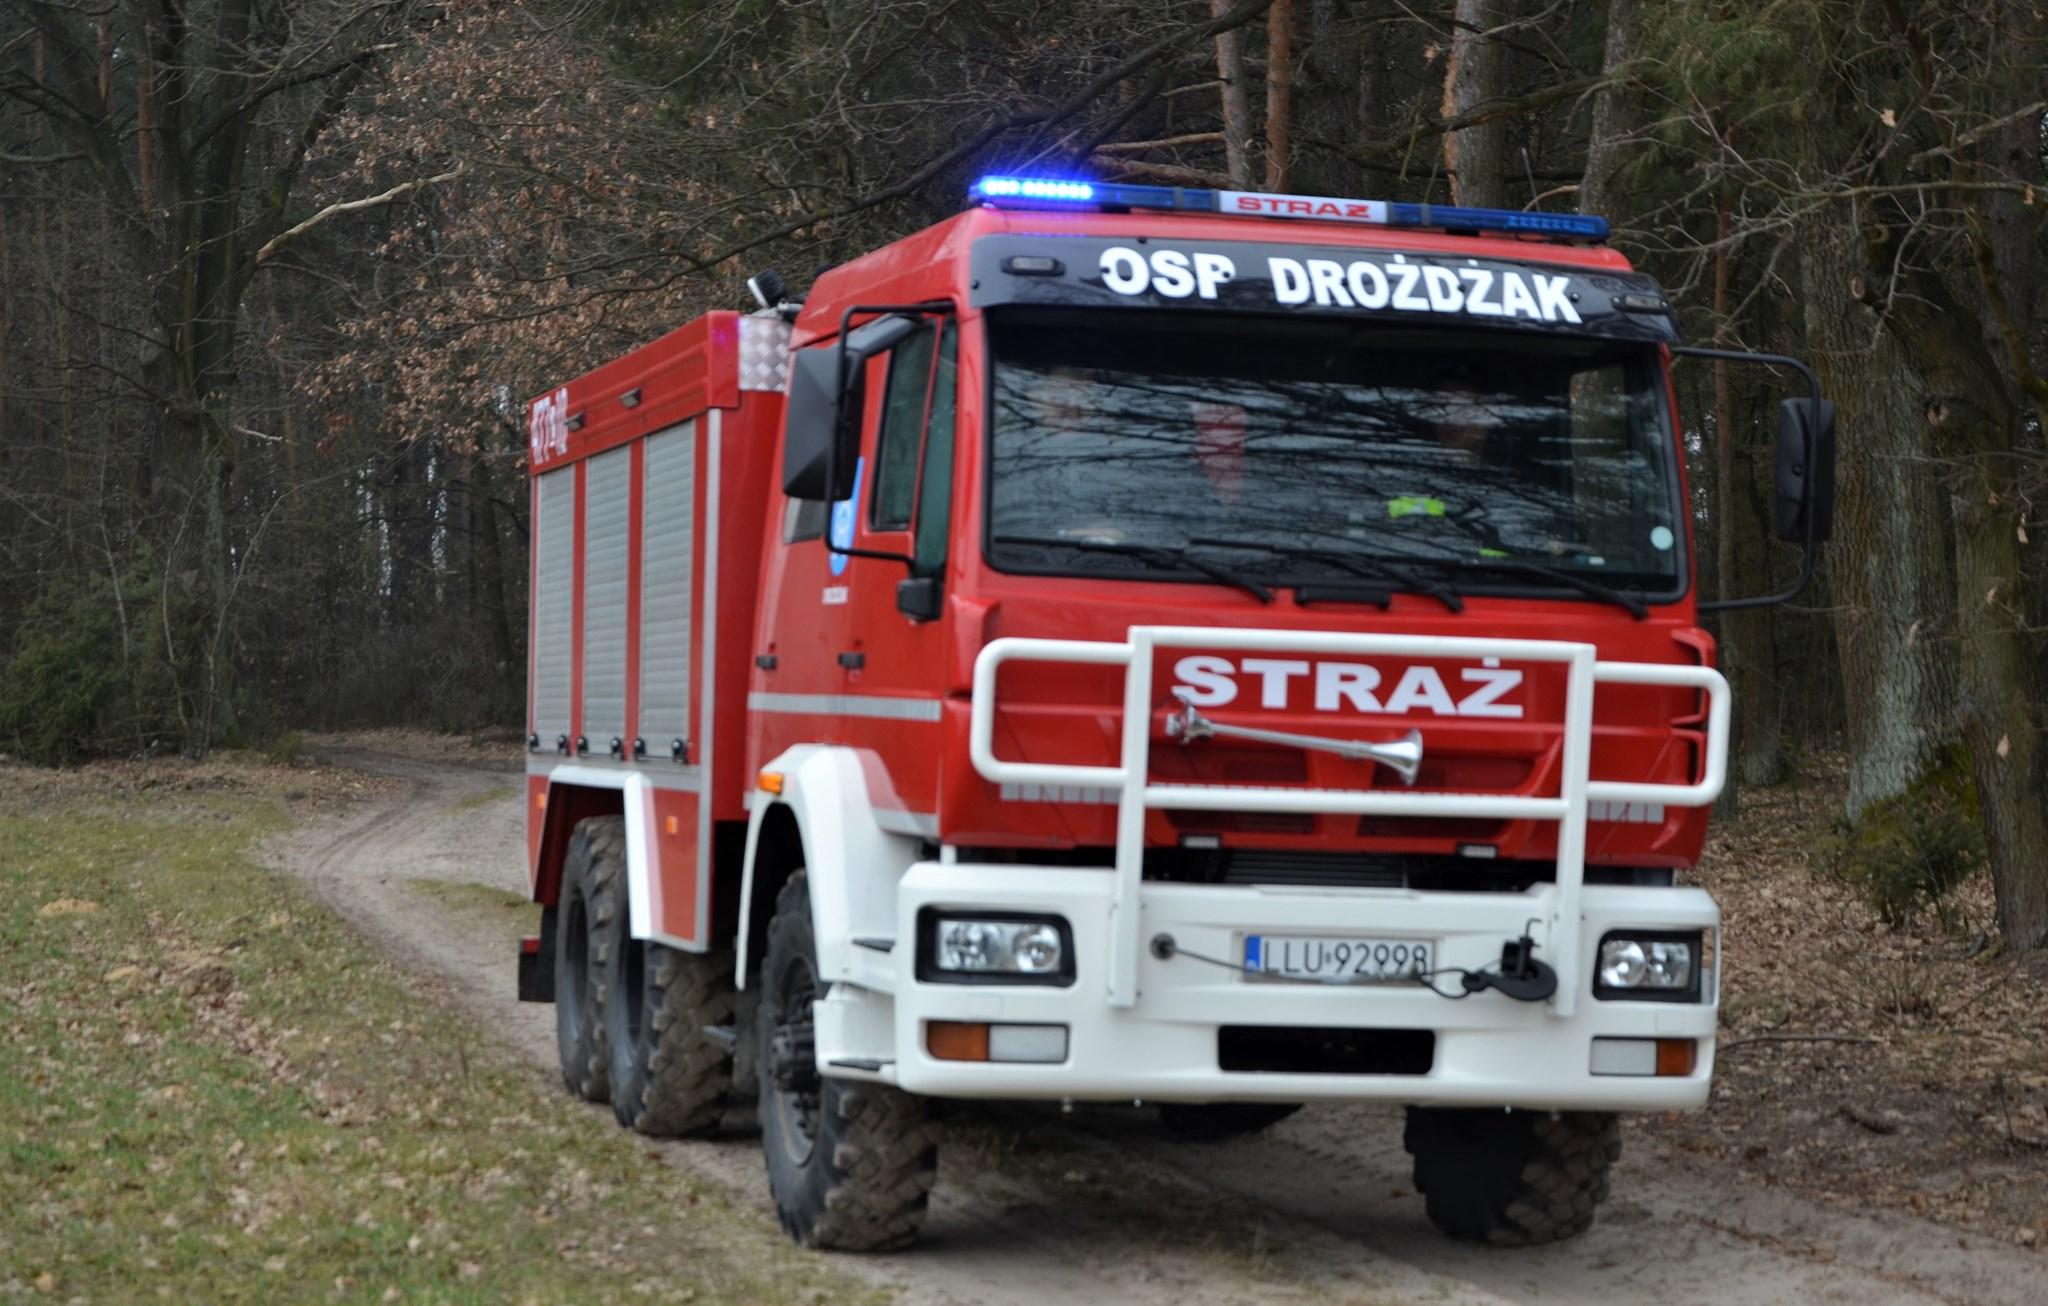 KRZYWDA. Nowy wóz dla OSP Drożdżaka  - Zdjęcie główne